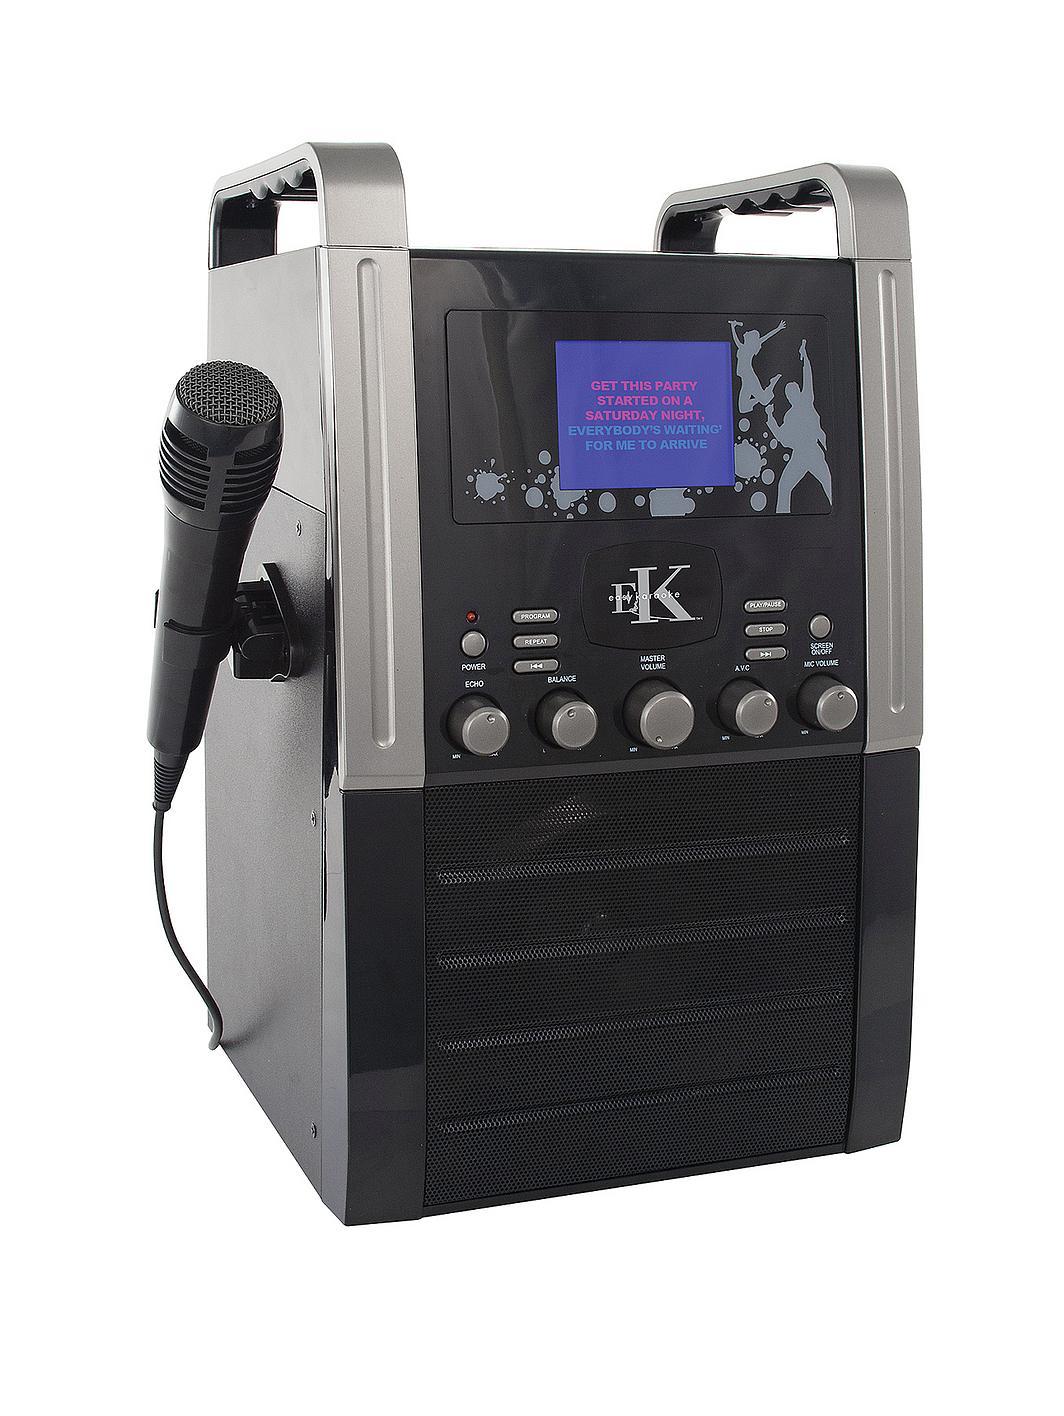 kareoke machine